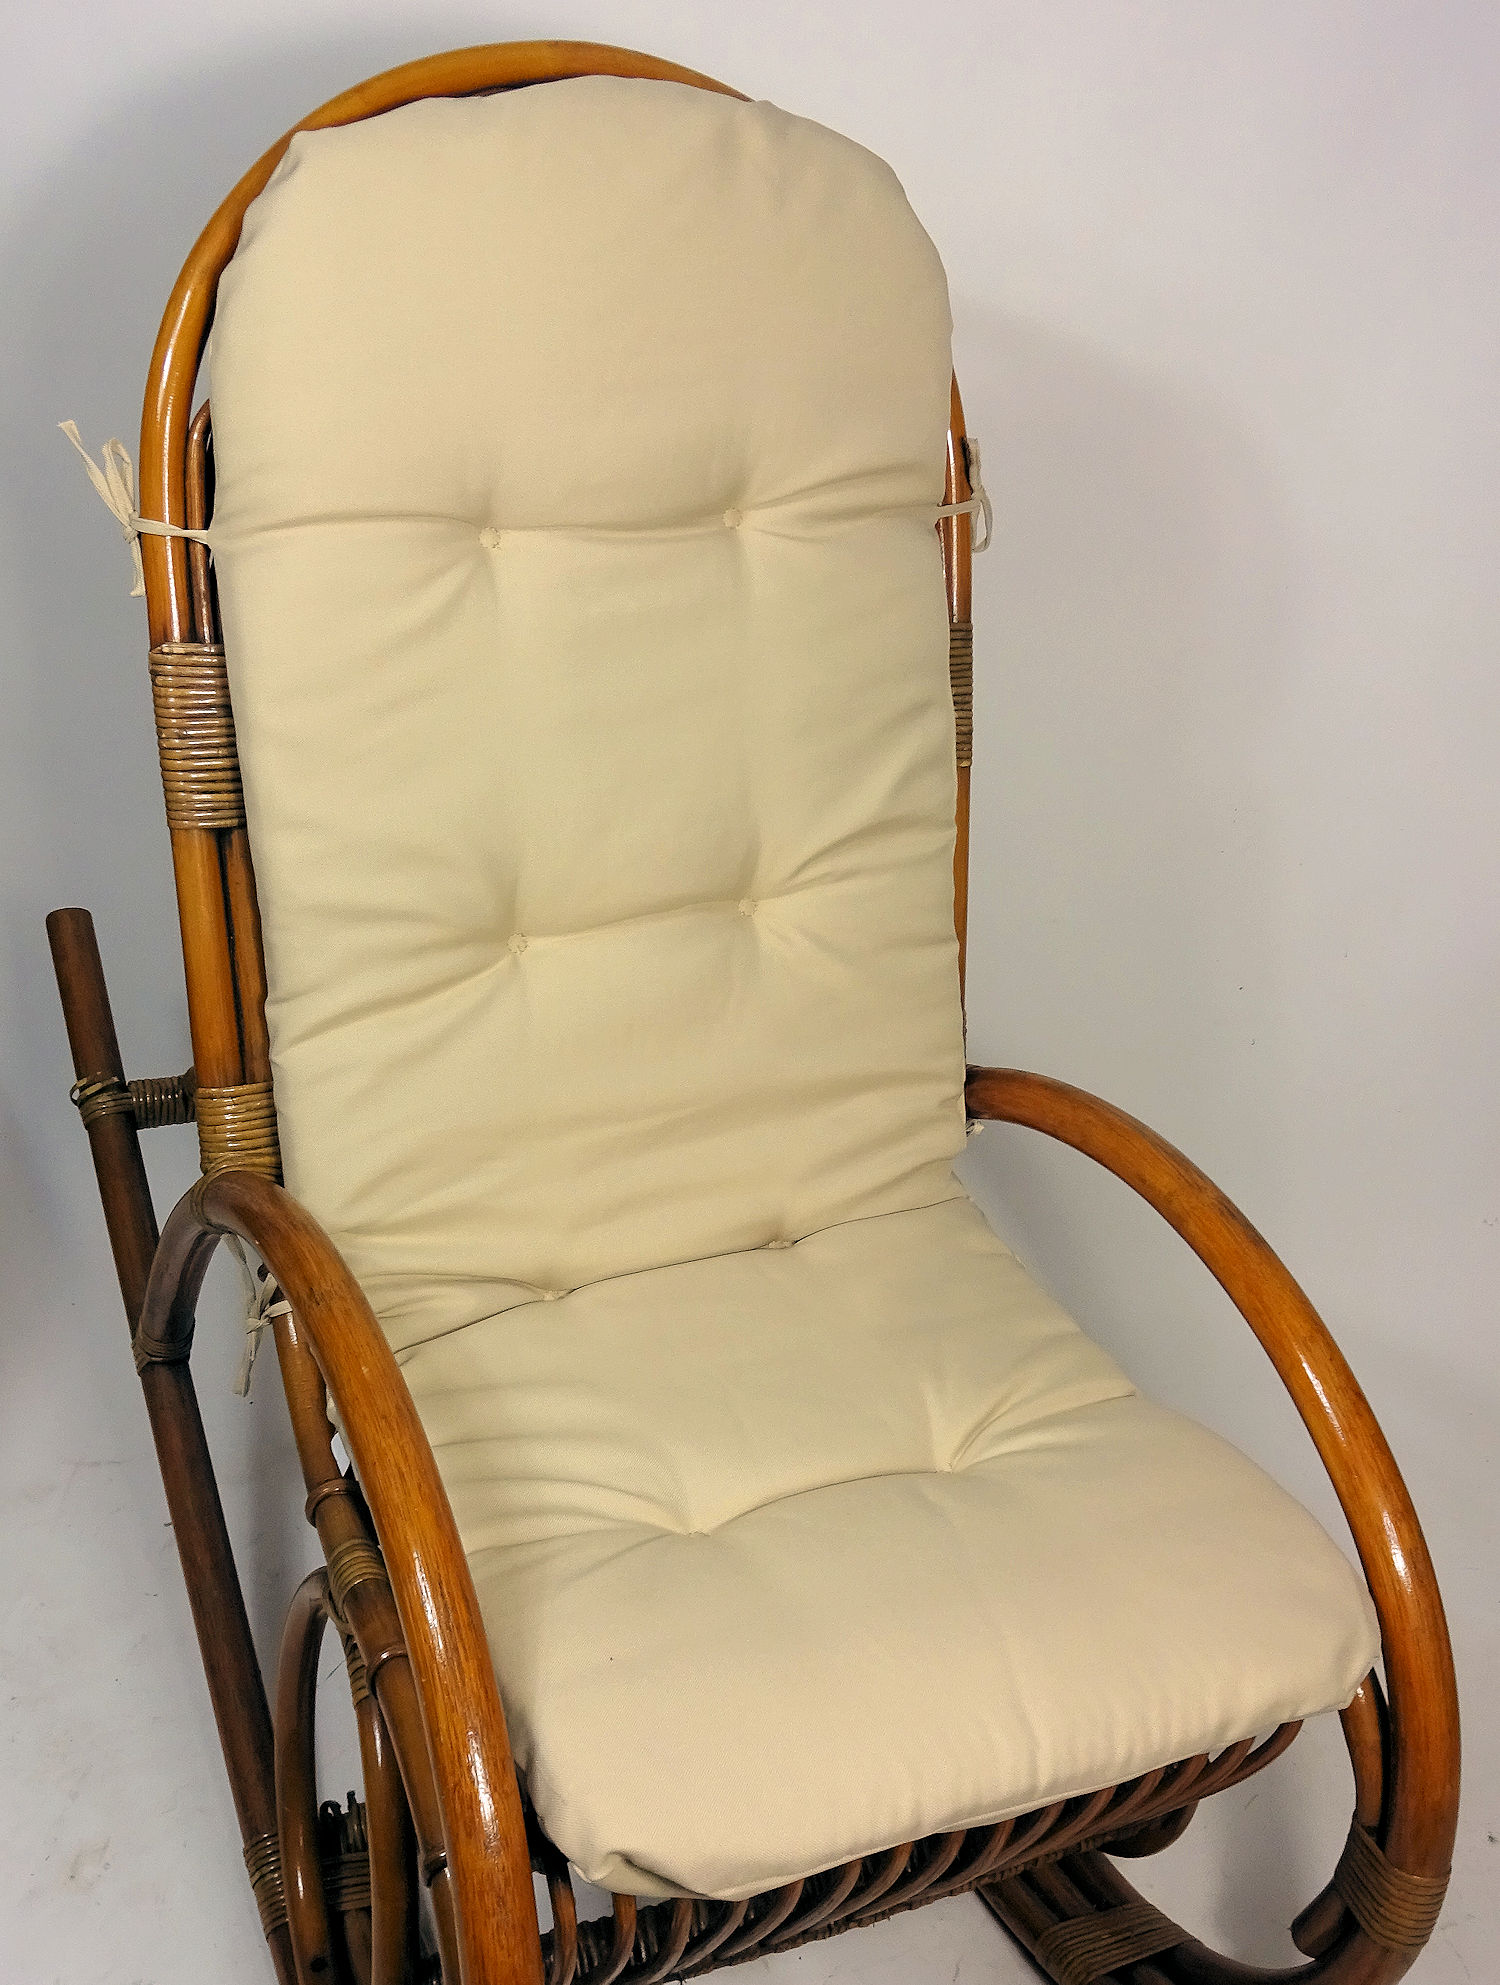 polster f r schaukelstuhl ersatzpolster rattan schaukelstuhl gr 125 x 50 x 7 cm. Black Bedroom Furniture Sets. Home Design Ideas